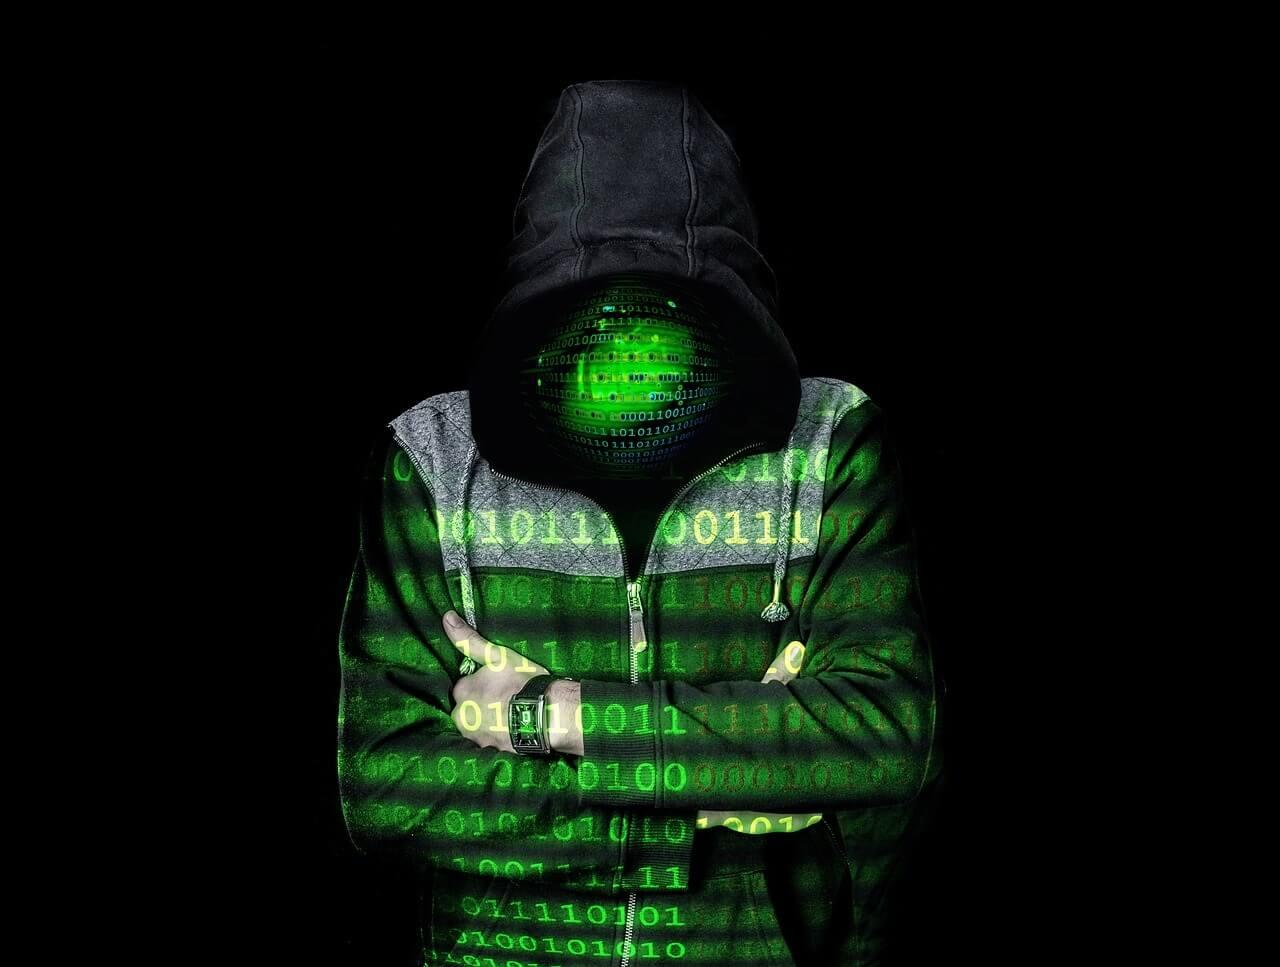 Хакеры анонимакеры, кому могут понадобиться Ваши личные данные